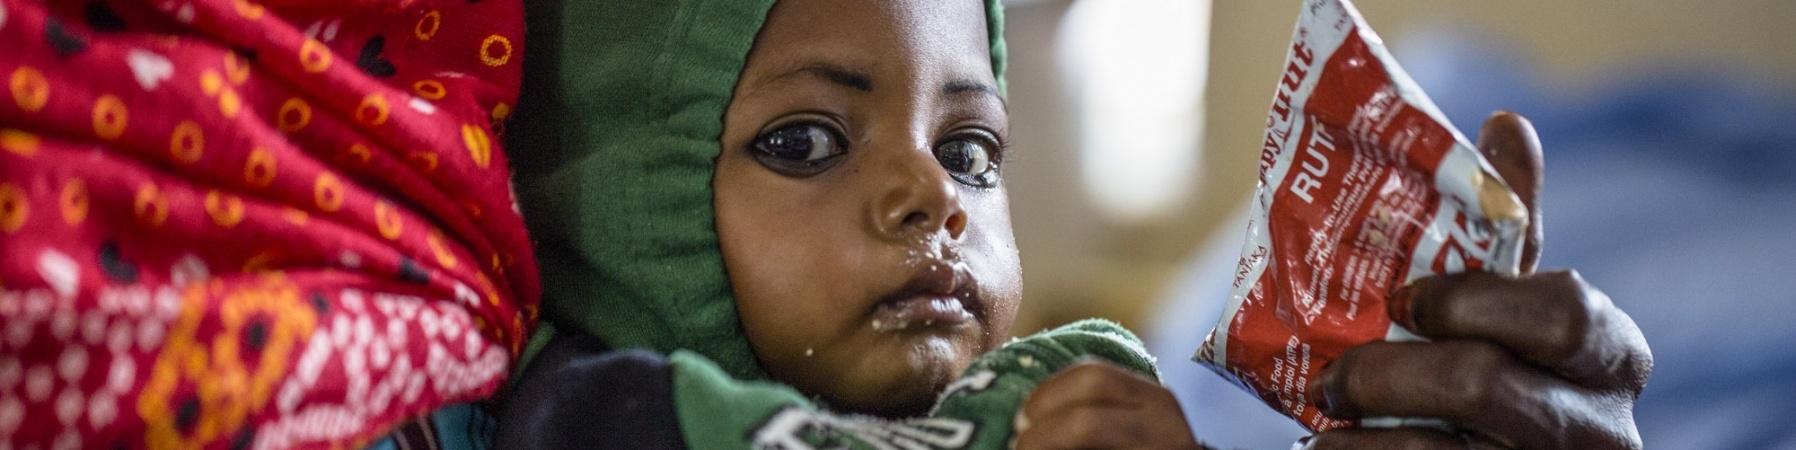 bimbo in braccio alla sua mamma mentre mangia il plumpynut, la pasta di arachidi altamente proteica contro la malnutrizione